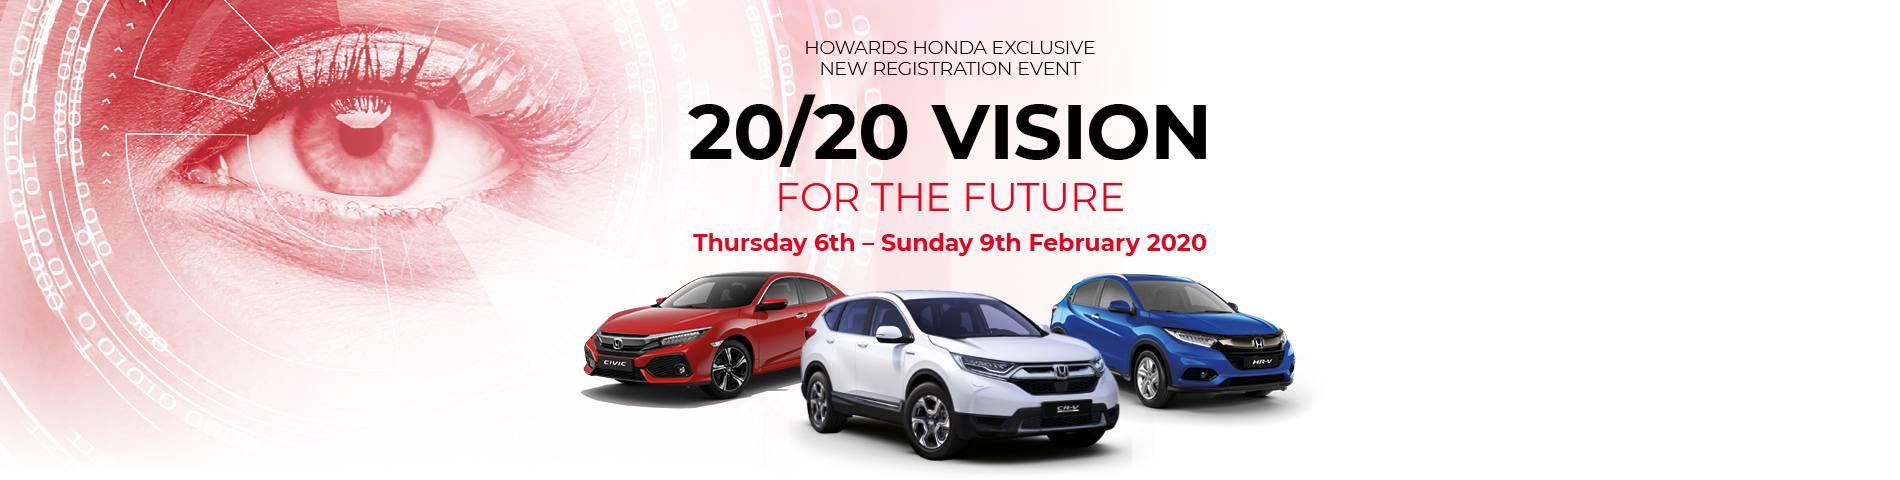 Honda 2020 Vision